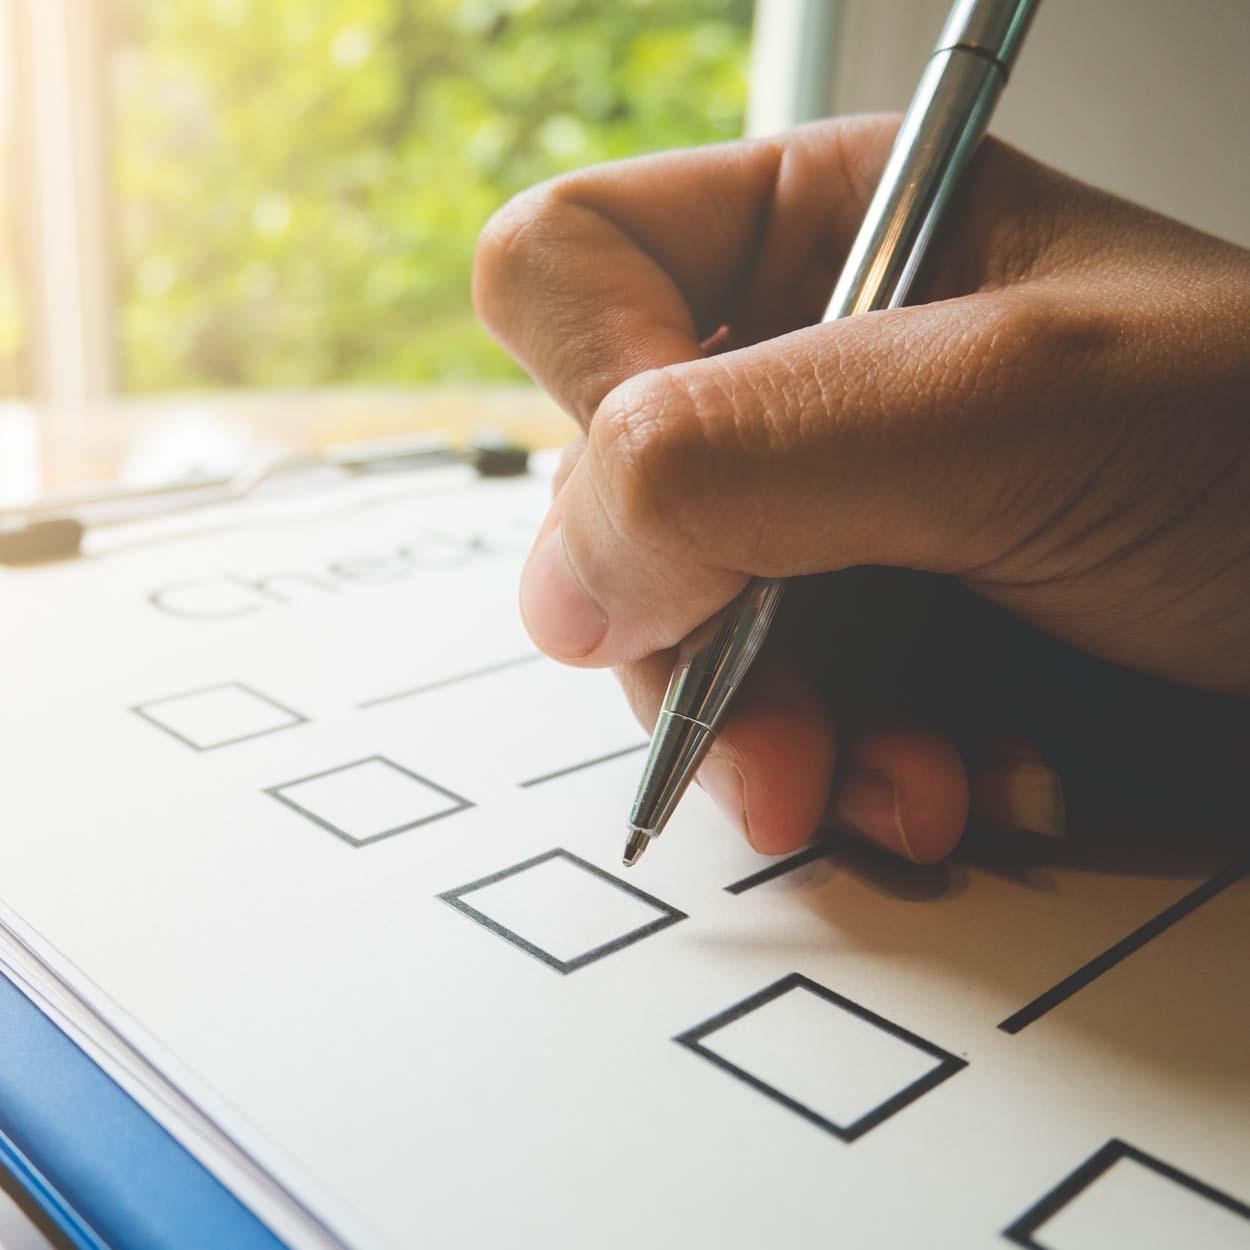 Rekrytera fördomsfritt – 15 snabba tips från TNG, specialister på fördomsfri rekrytering och bemanning